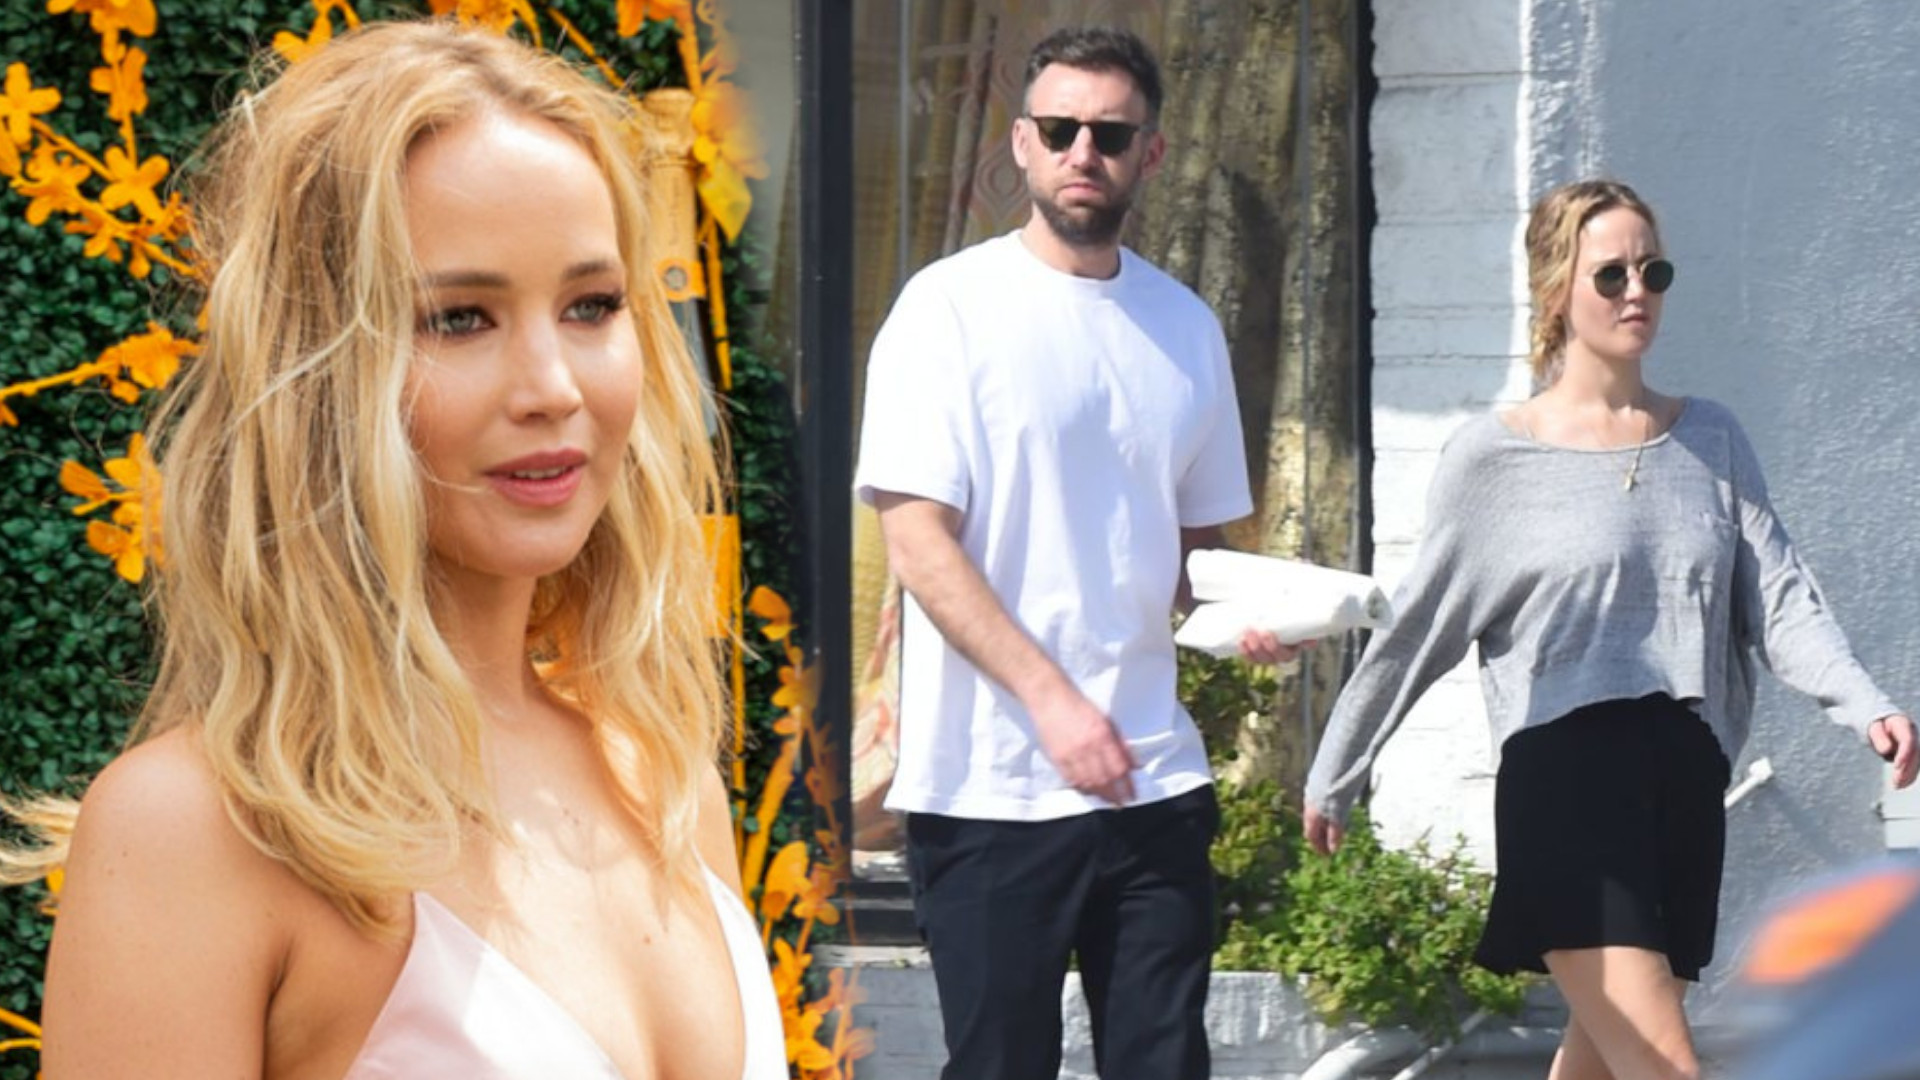 Jennifer Lawrence potajemnie wzięła ślub? Mamy zdjęcia